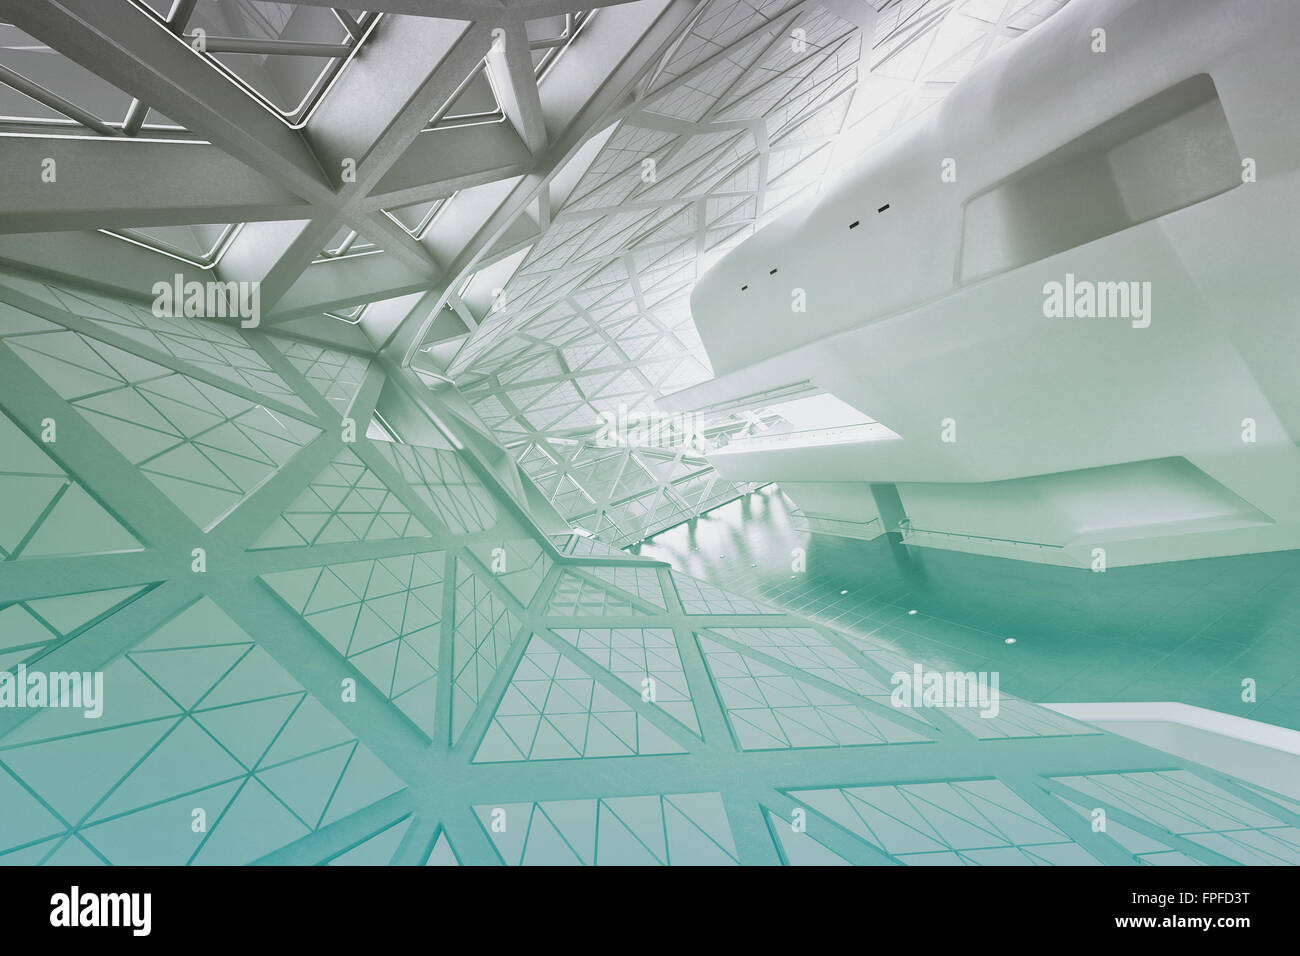 Moderne leer Atrium Interieur. Graustufenbild mit azurblauen Farbe ...